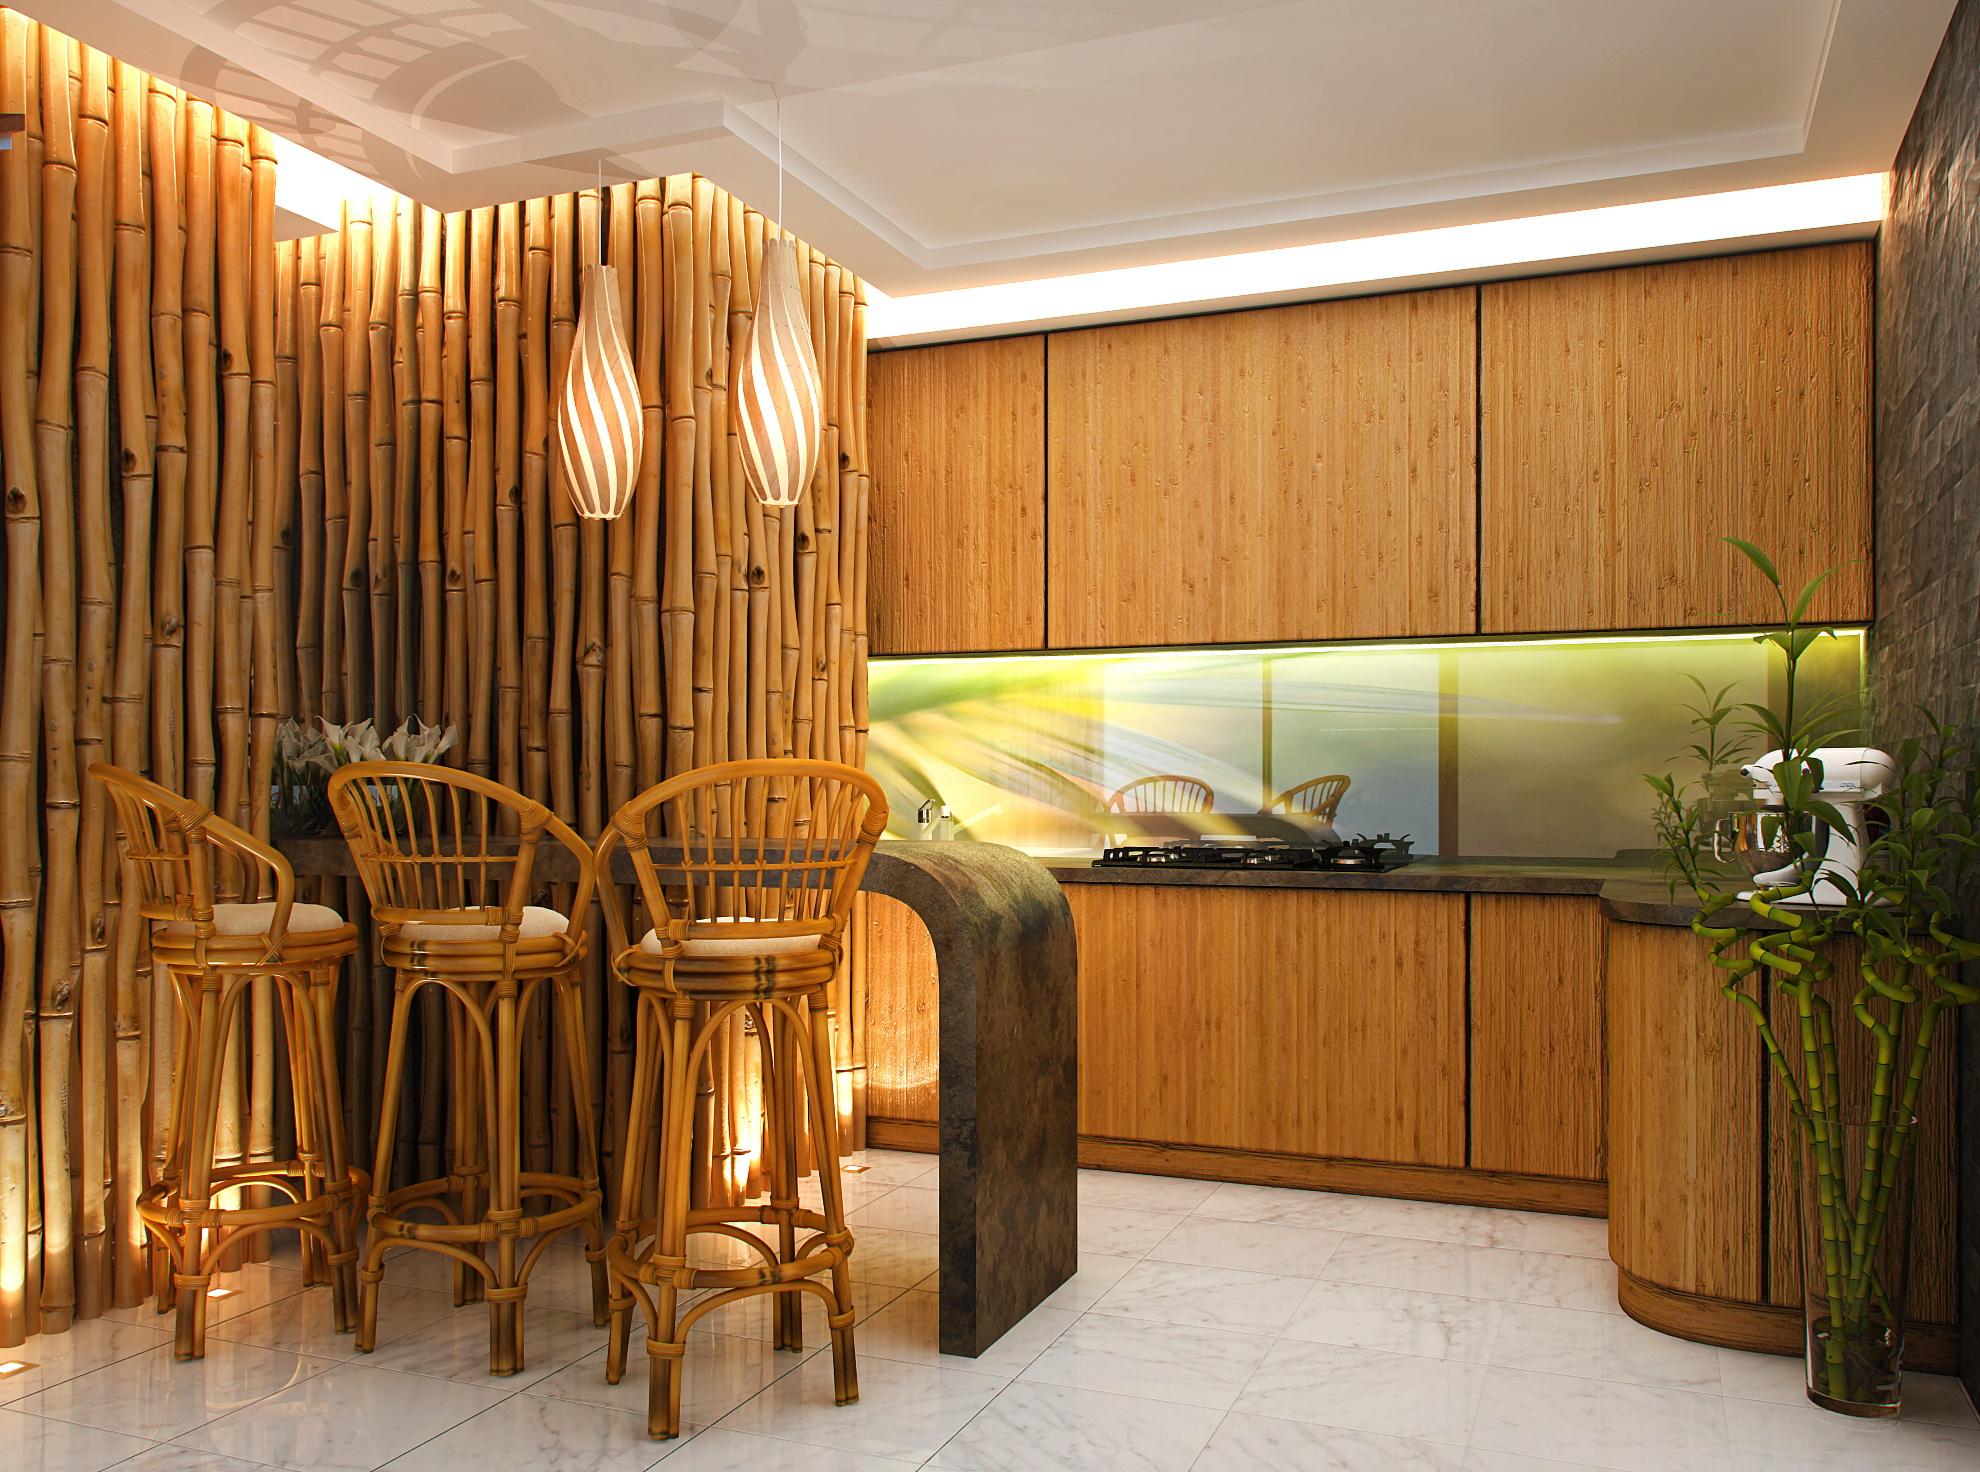 Декоративные стволы бамбука для отделки стены